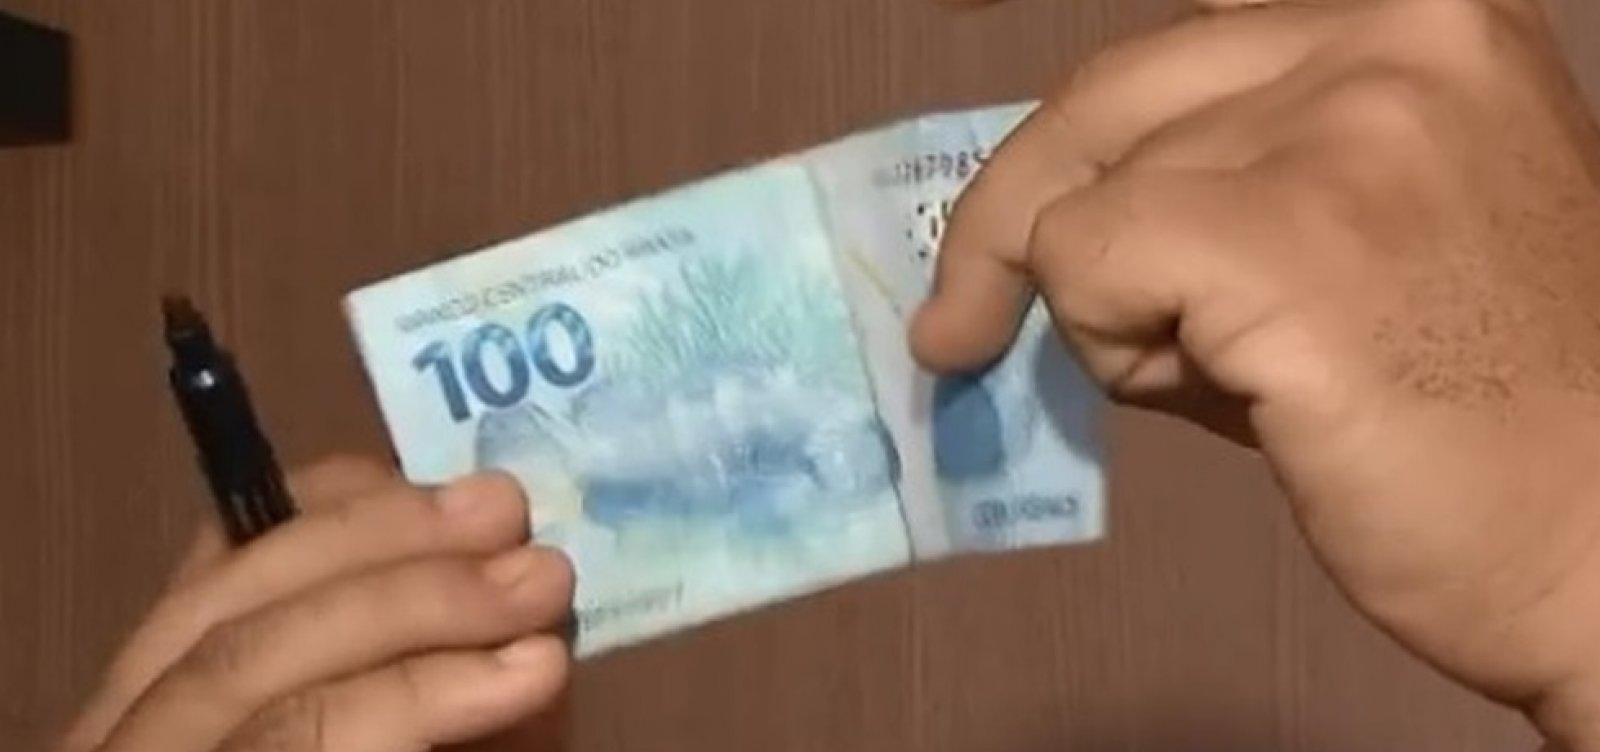 [Criminosos usam dinheiro falso para fazer compras pela internet, na Bahia]